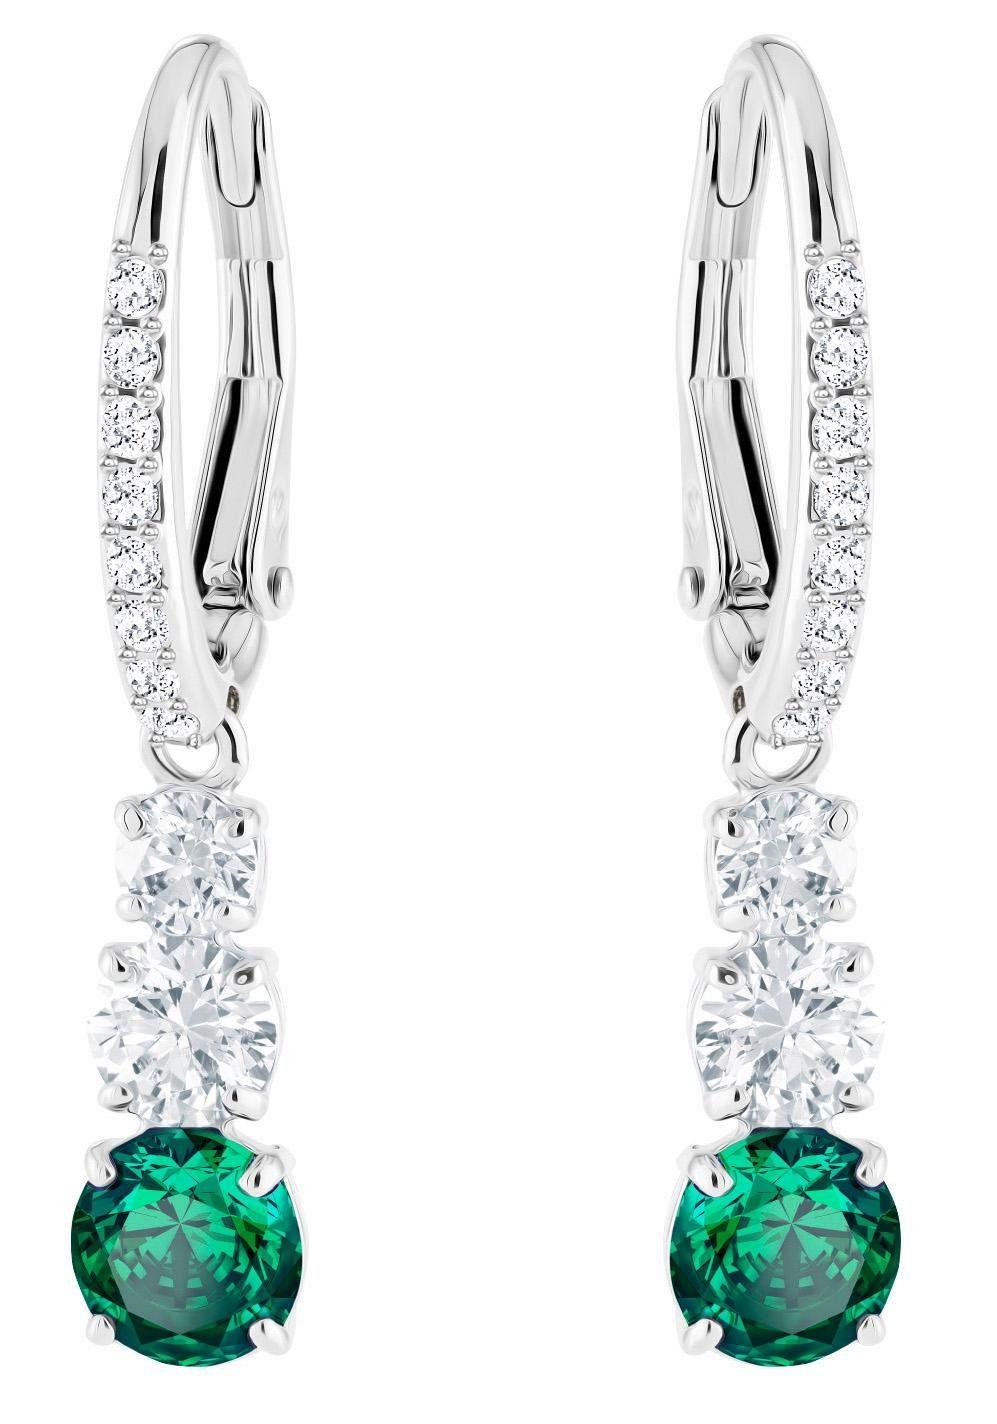 Swarovski Paar Ohrhänger »Attract Trilogy Round Ohrringe, grün, rhodiniert, 5414682« mit Swarovski® Kristallen